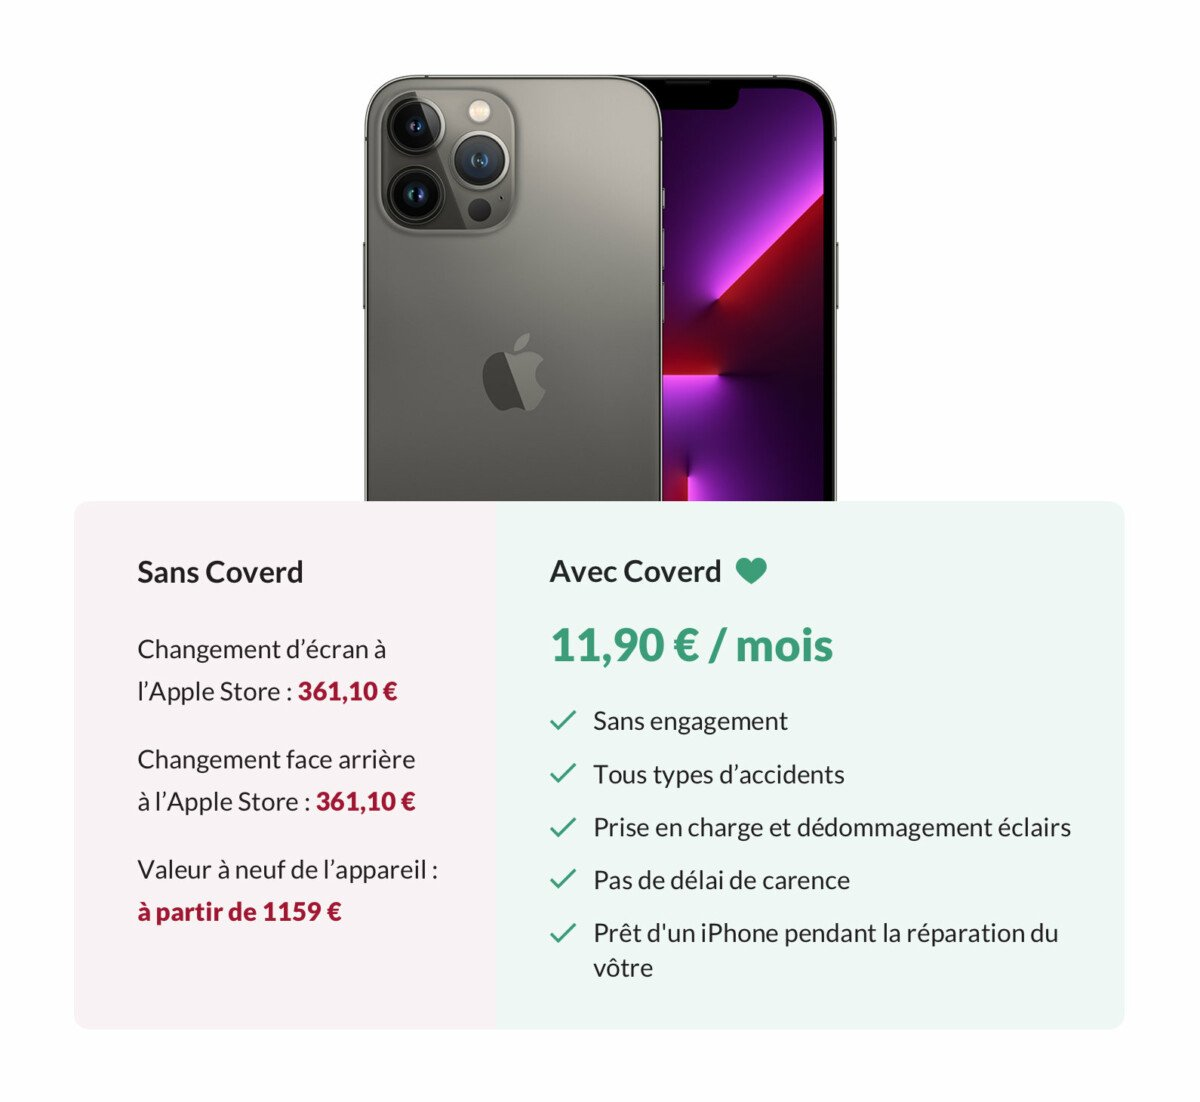 Le détail de l'assurance Coverd pour un iPhone13 Pro